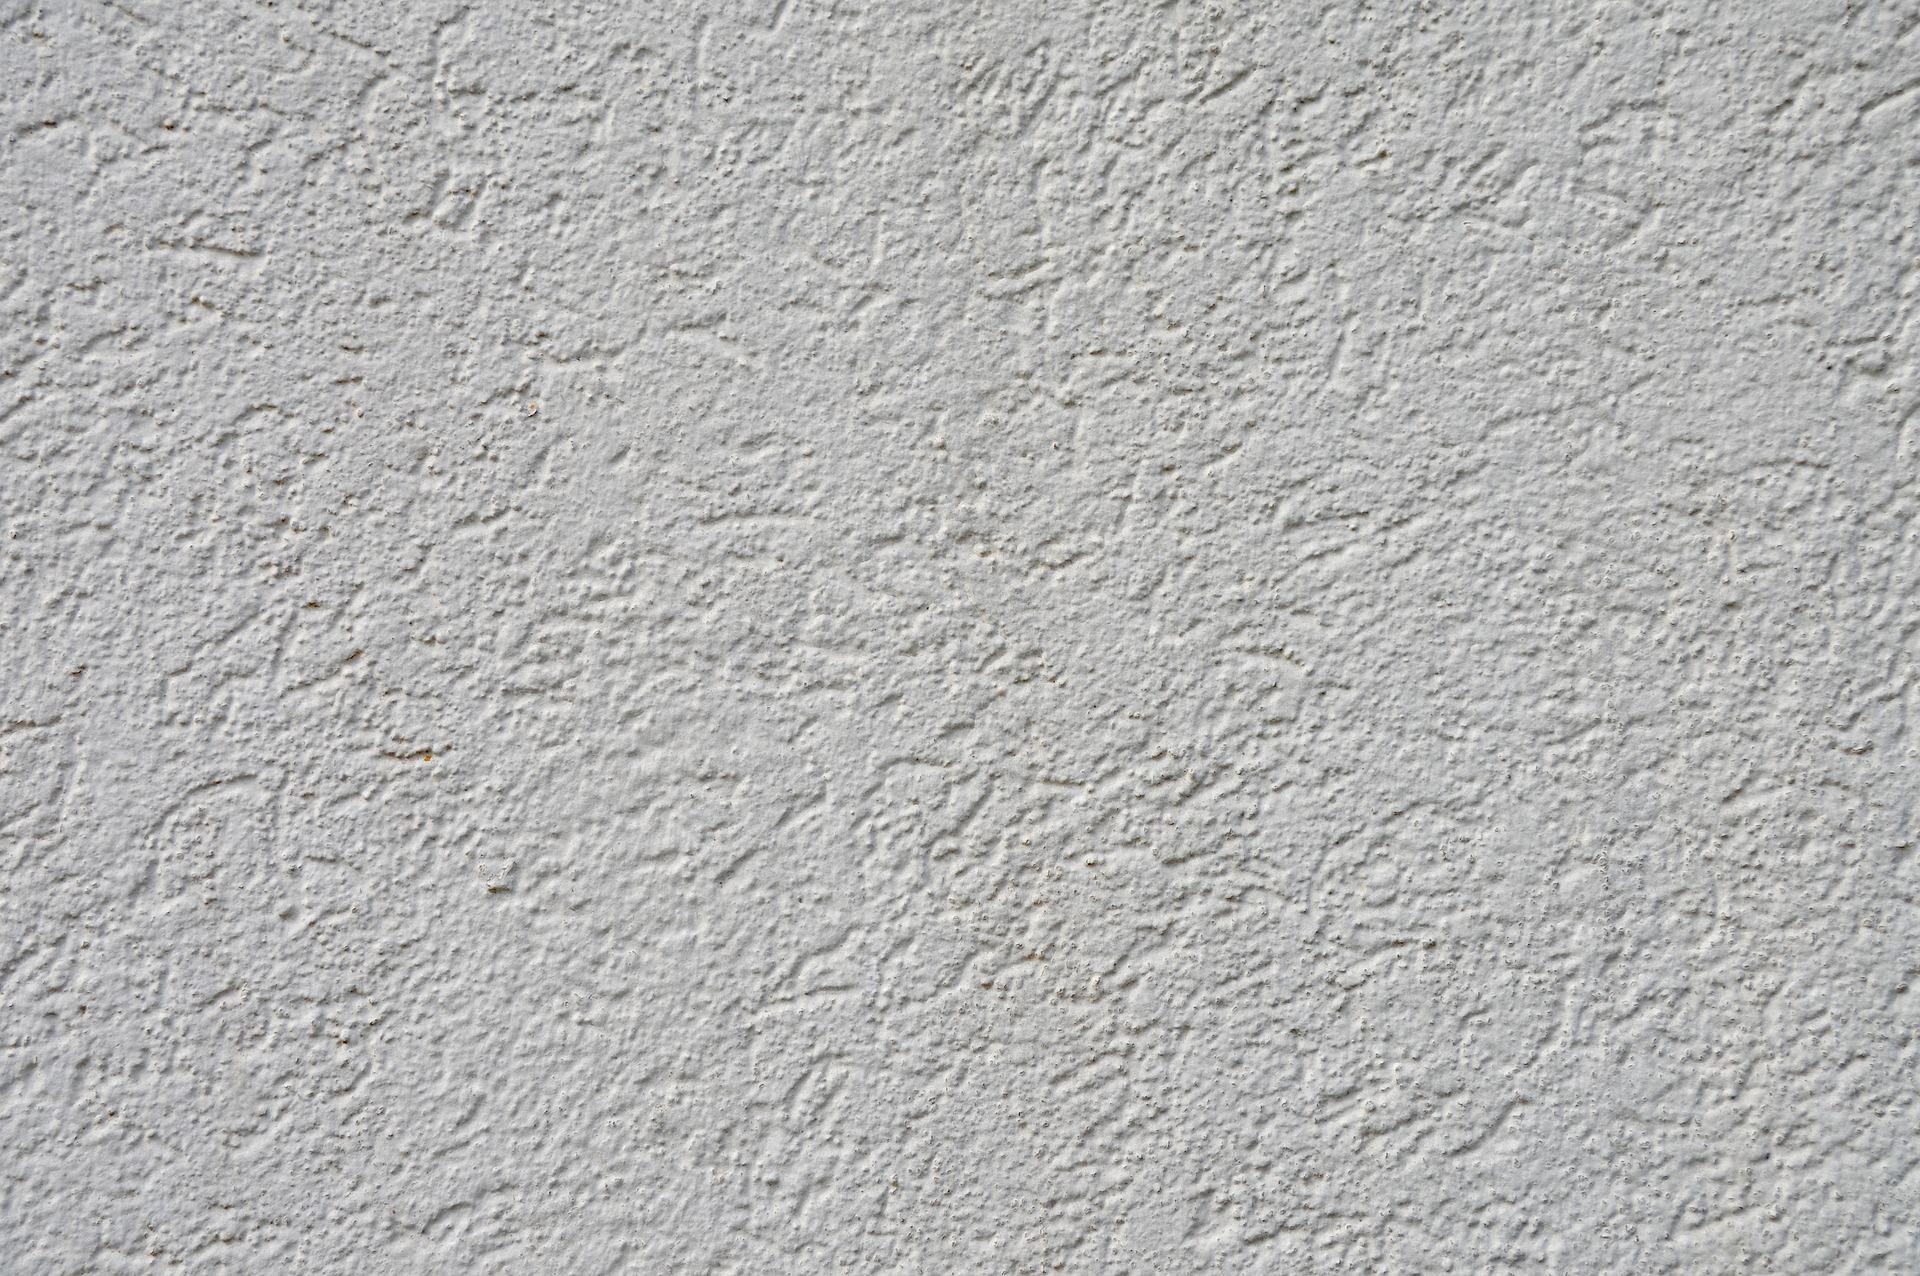 Vit textur vägg